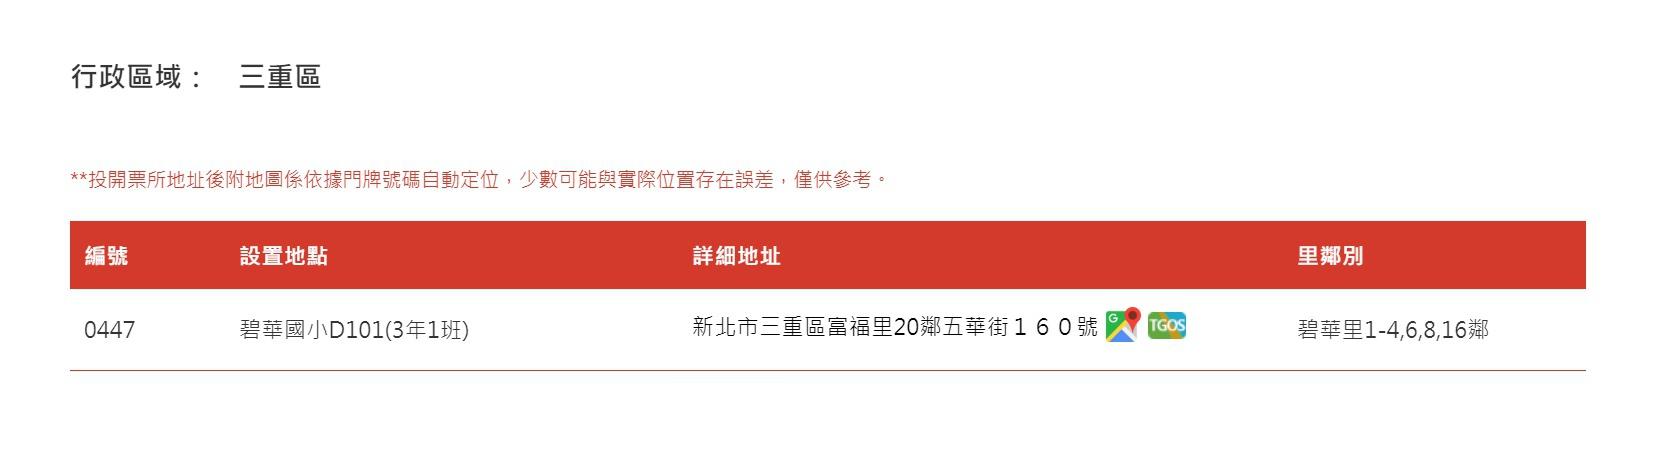 中選會網站